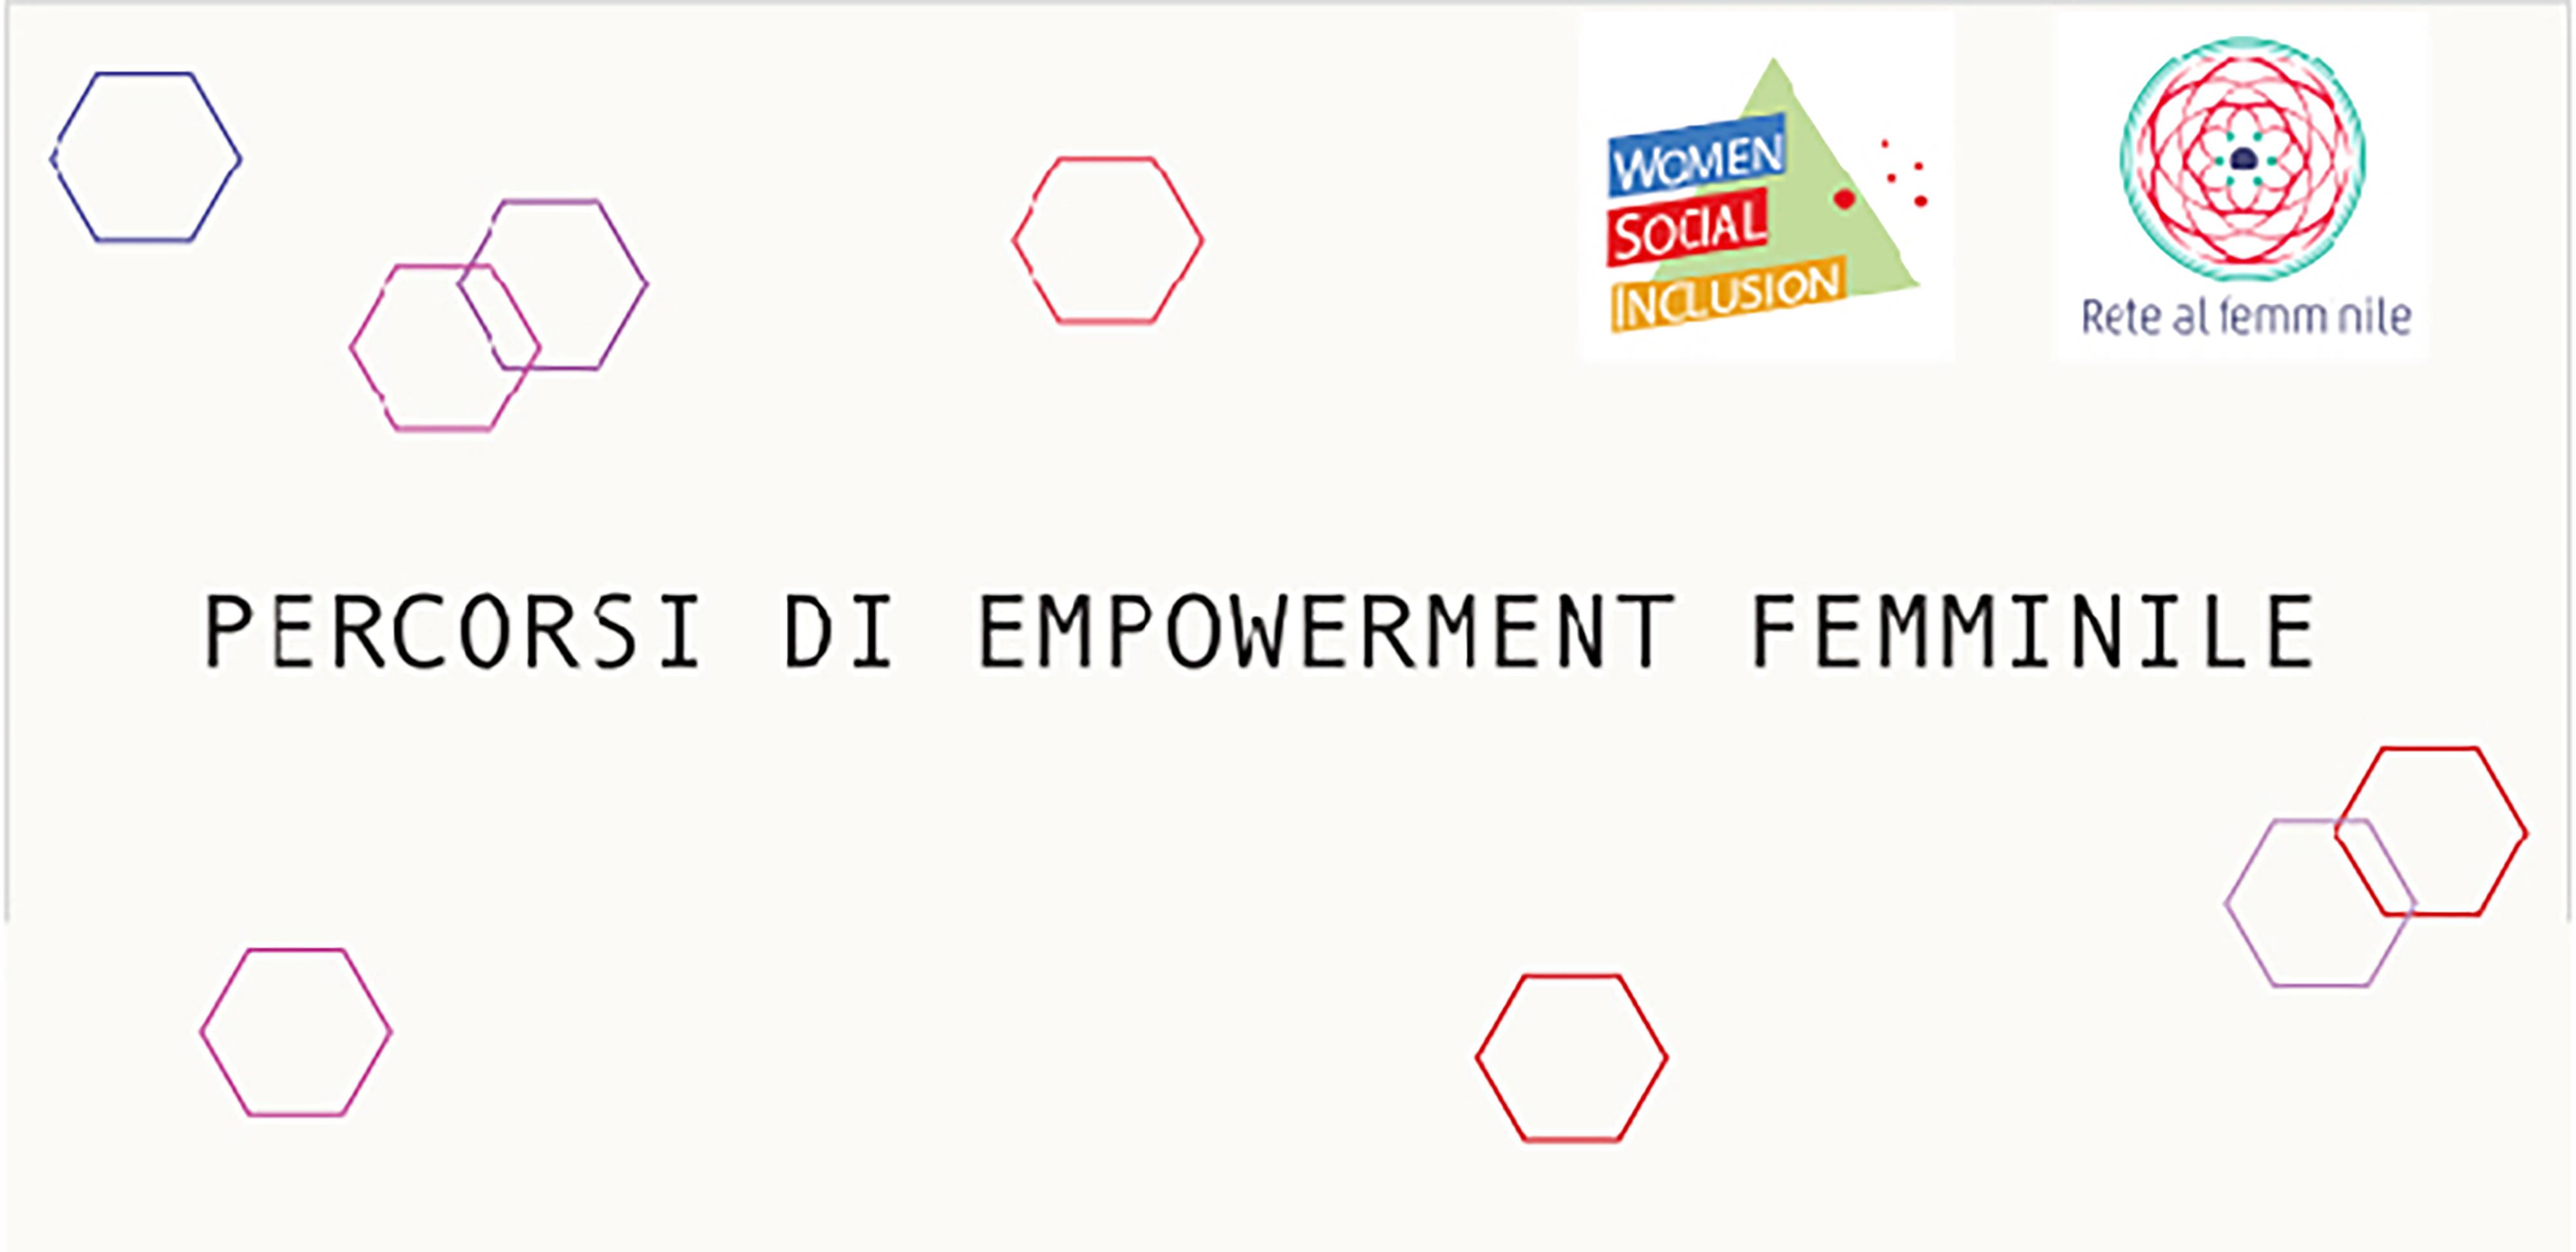 Percorsi di empowerment al femminile nelle Case del Quartiere